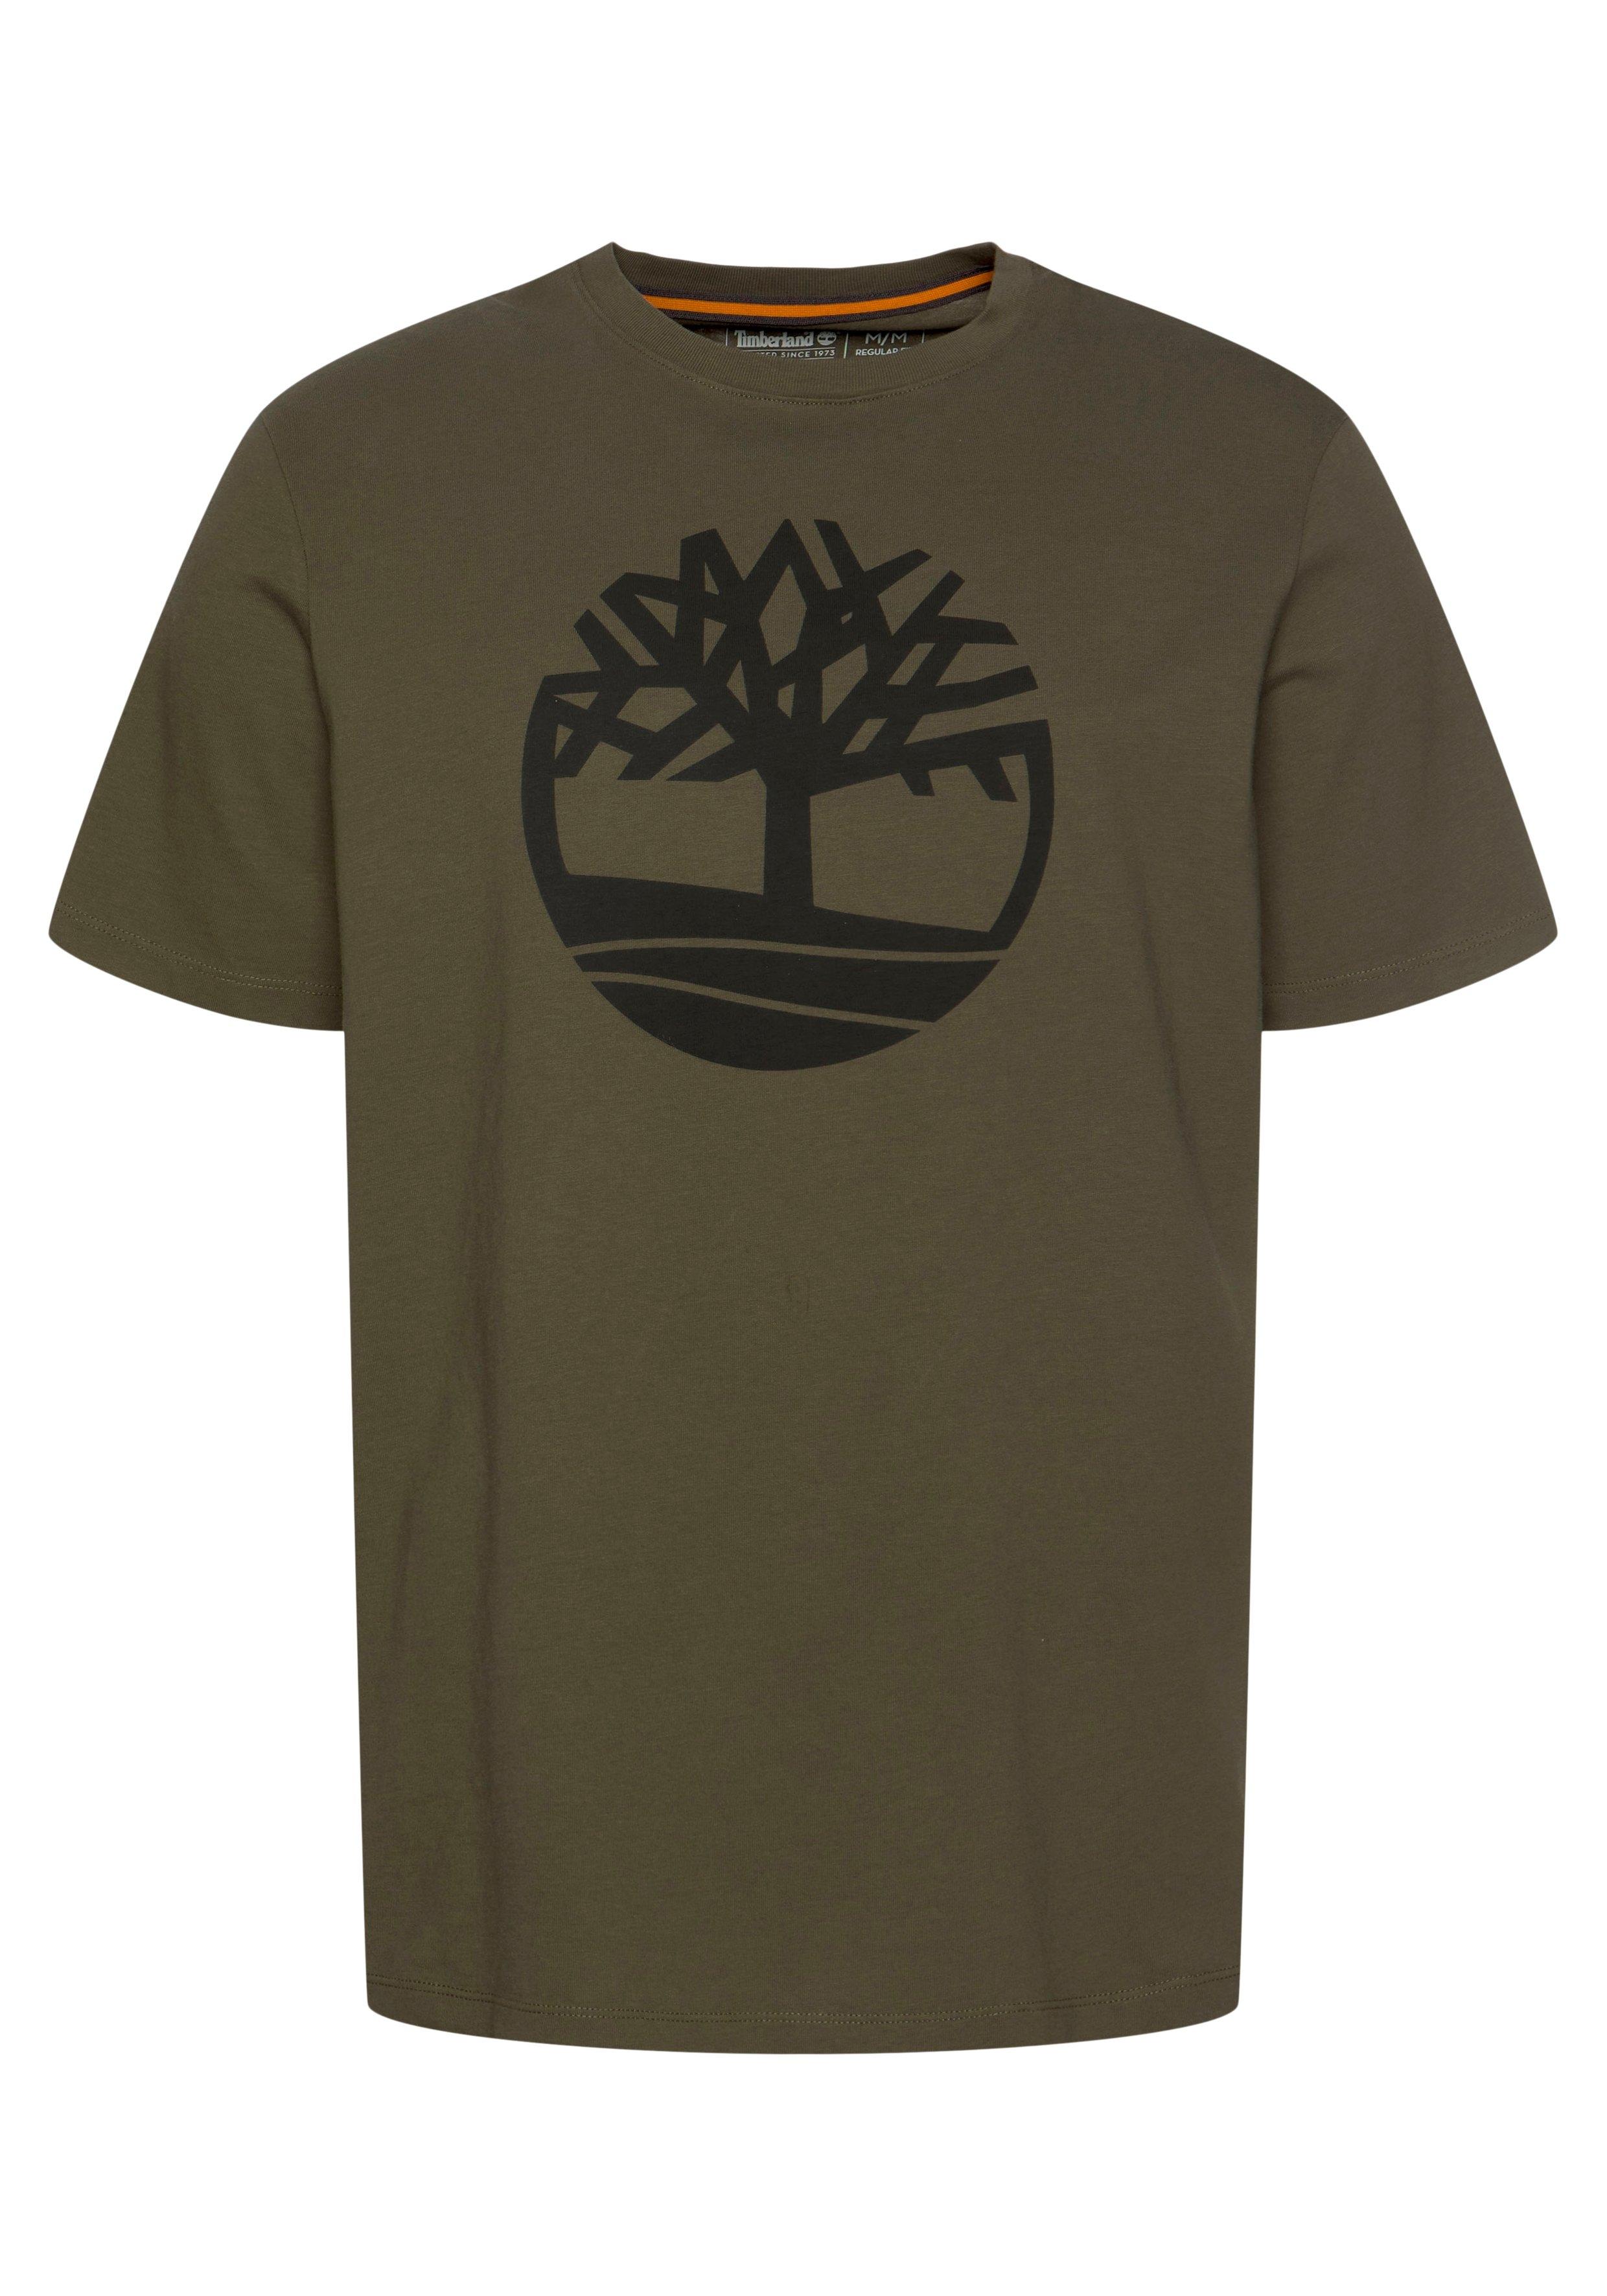 Timberland T-shirt goedkoop op otto.nl kopen